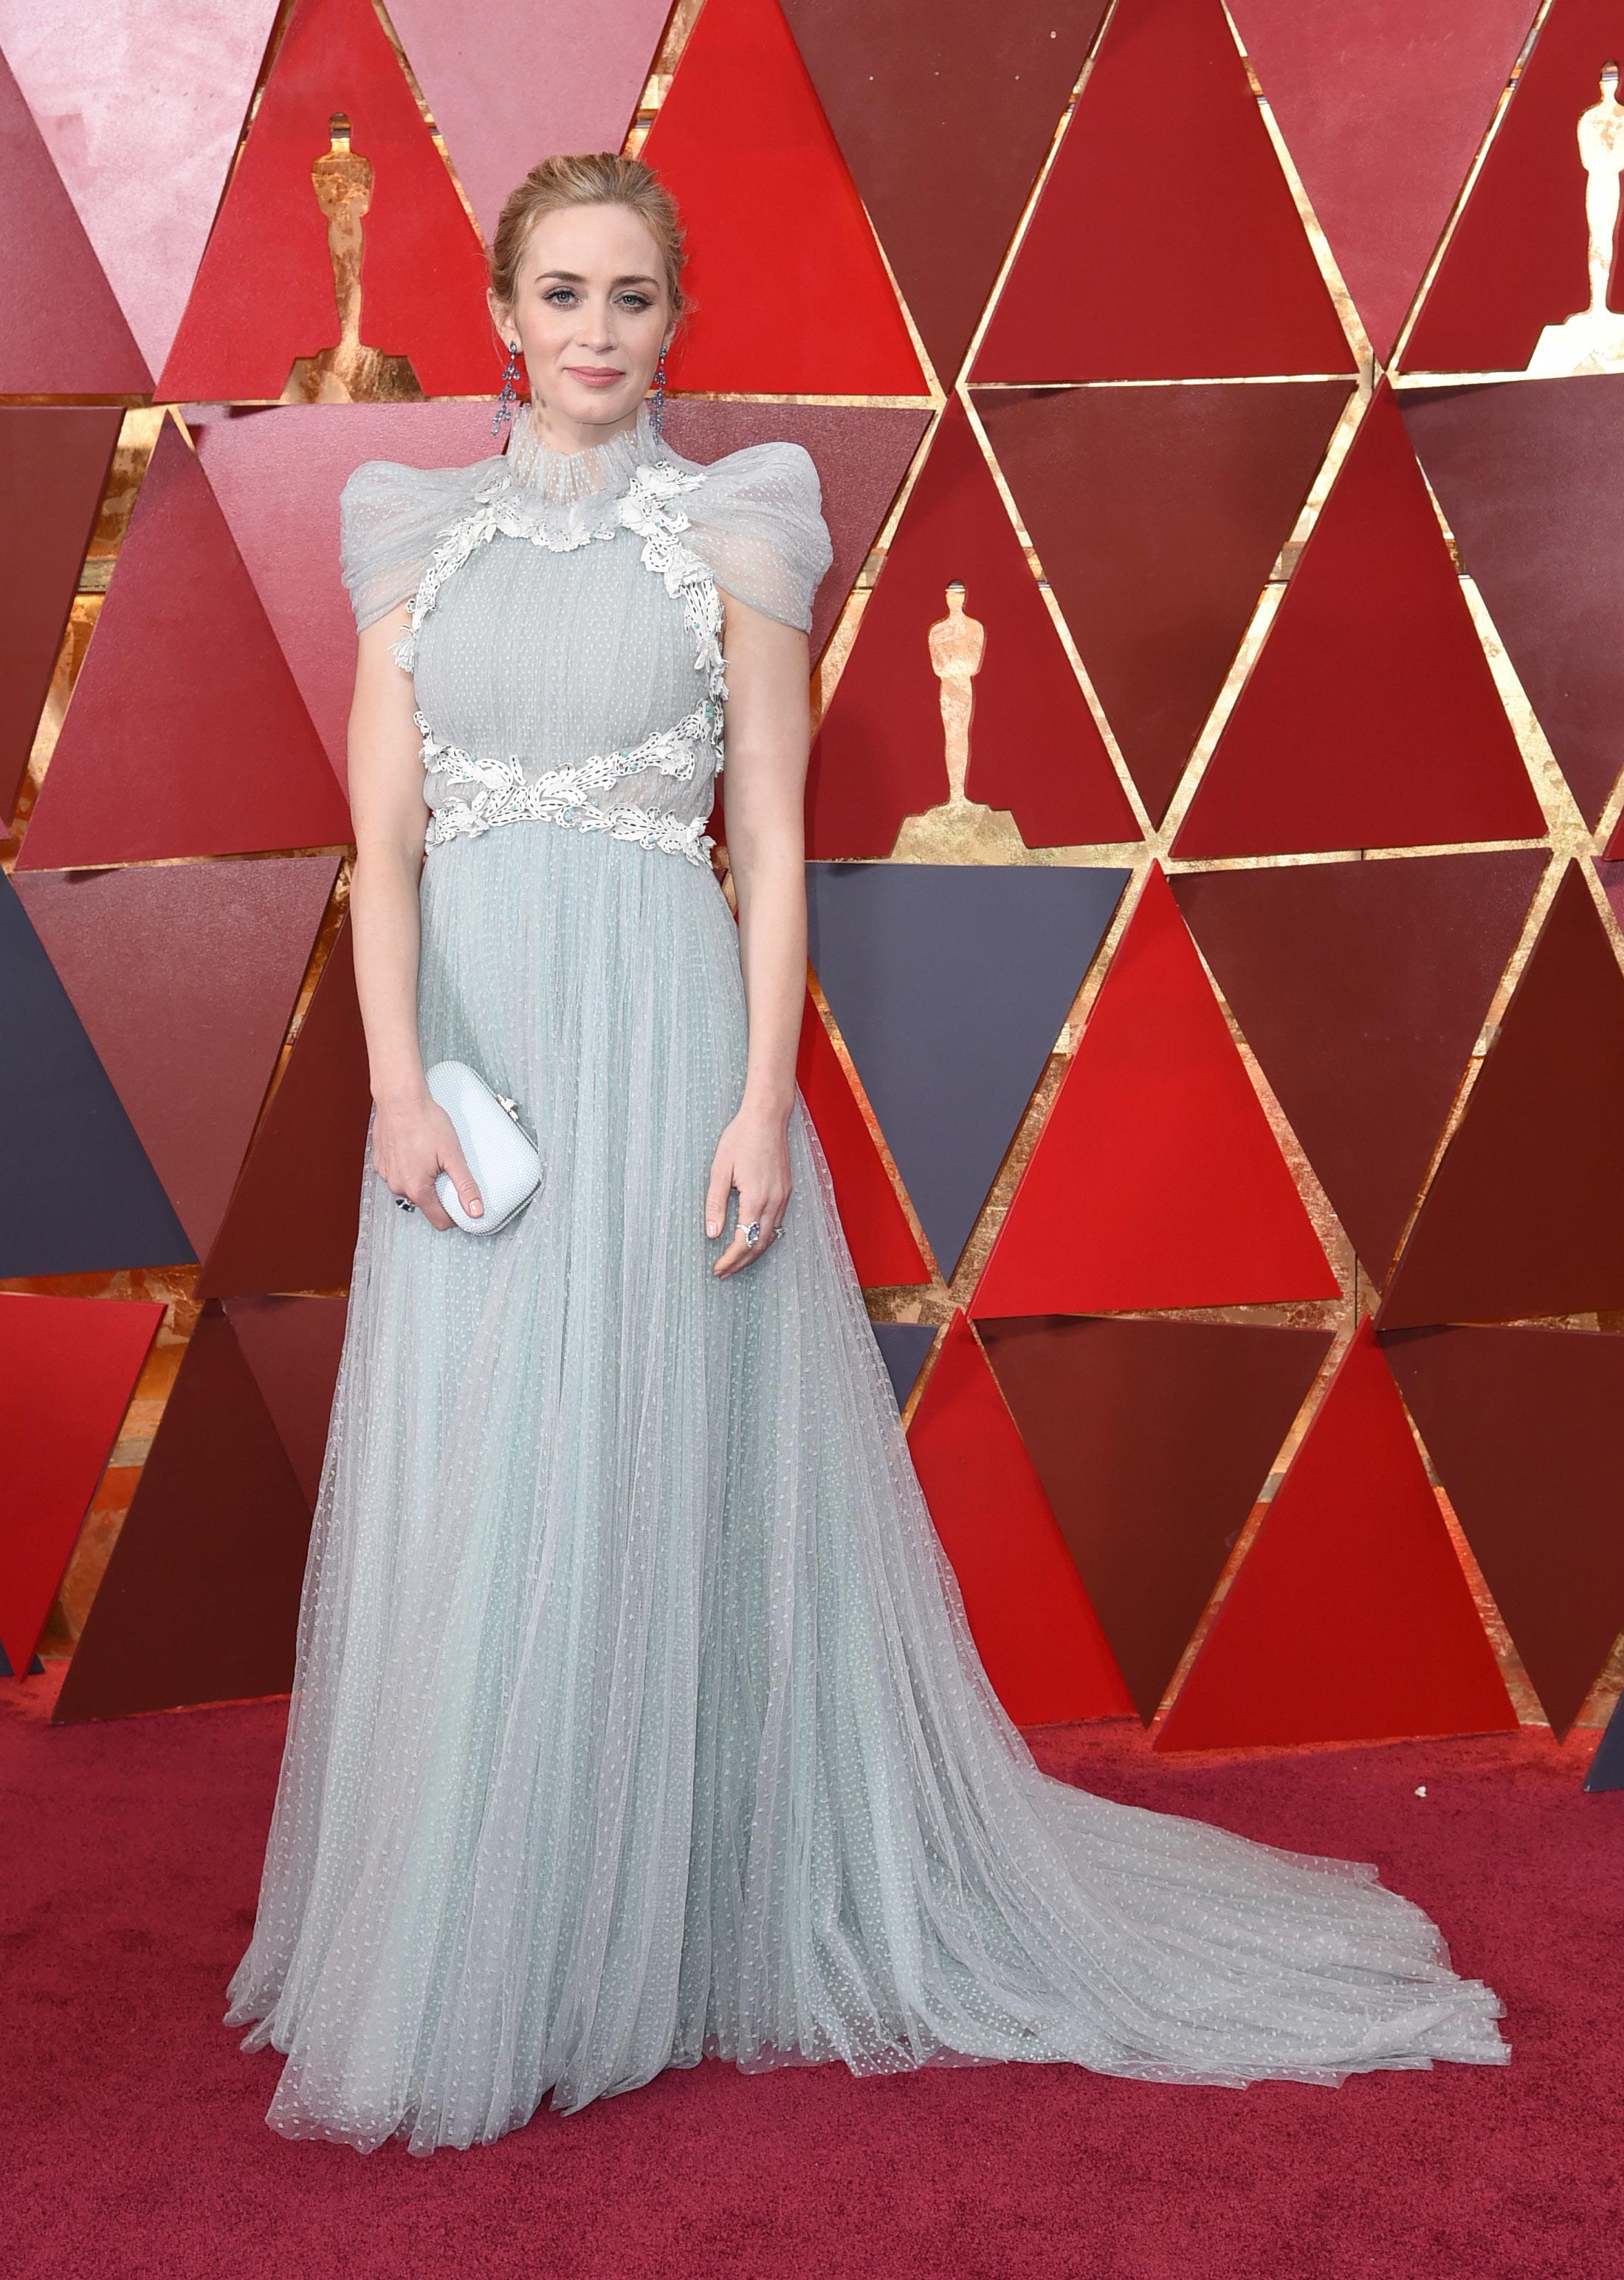 La actriz Emily Blunt optó por un vestido de estilo romántico de Schiaparelli en tonos grises para asistir a los Premios Oscar 2018. (The Associated Press)